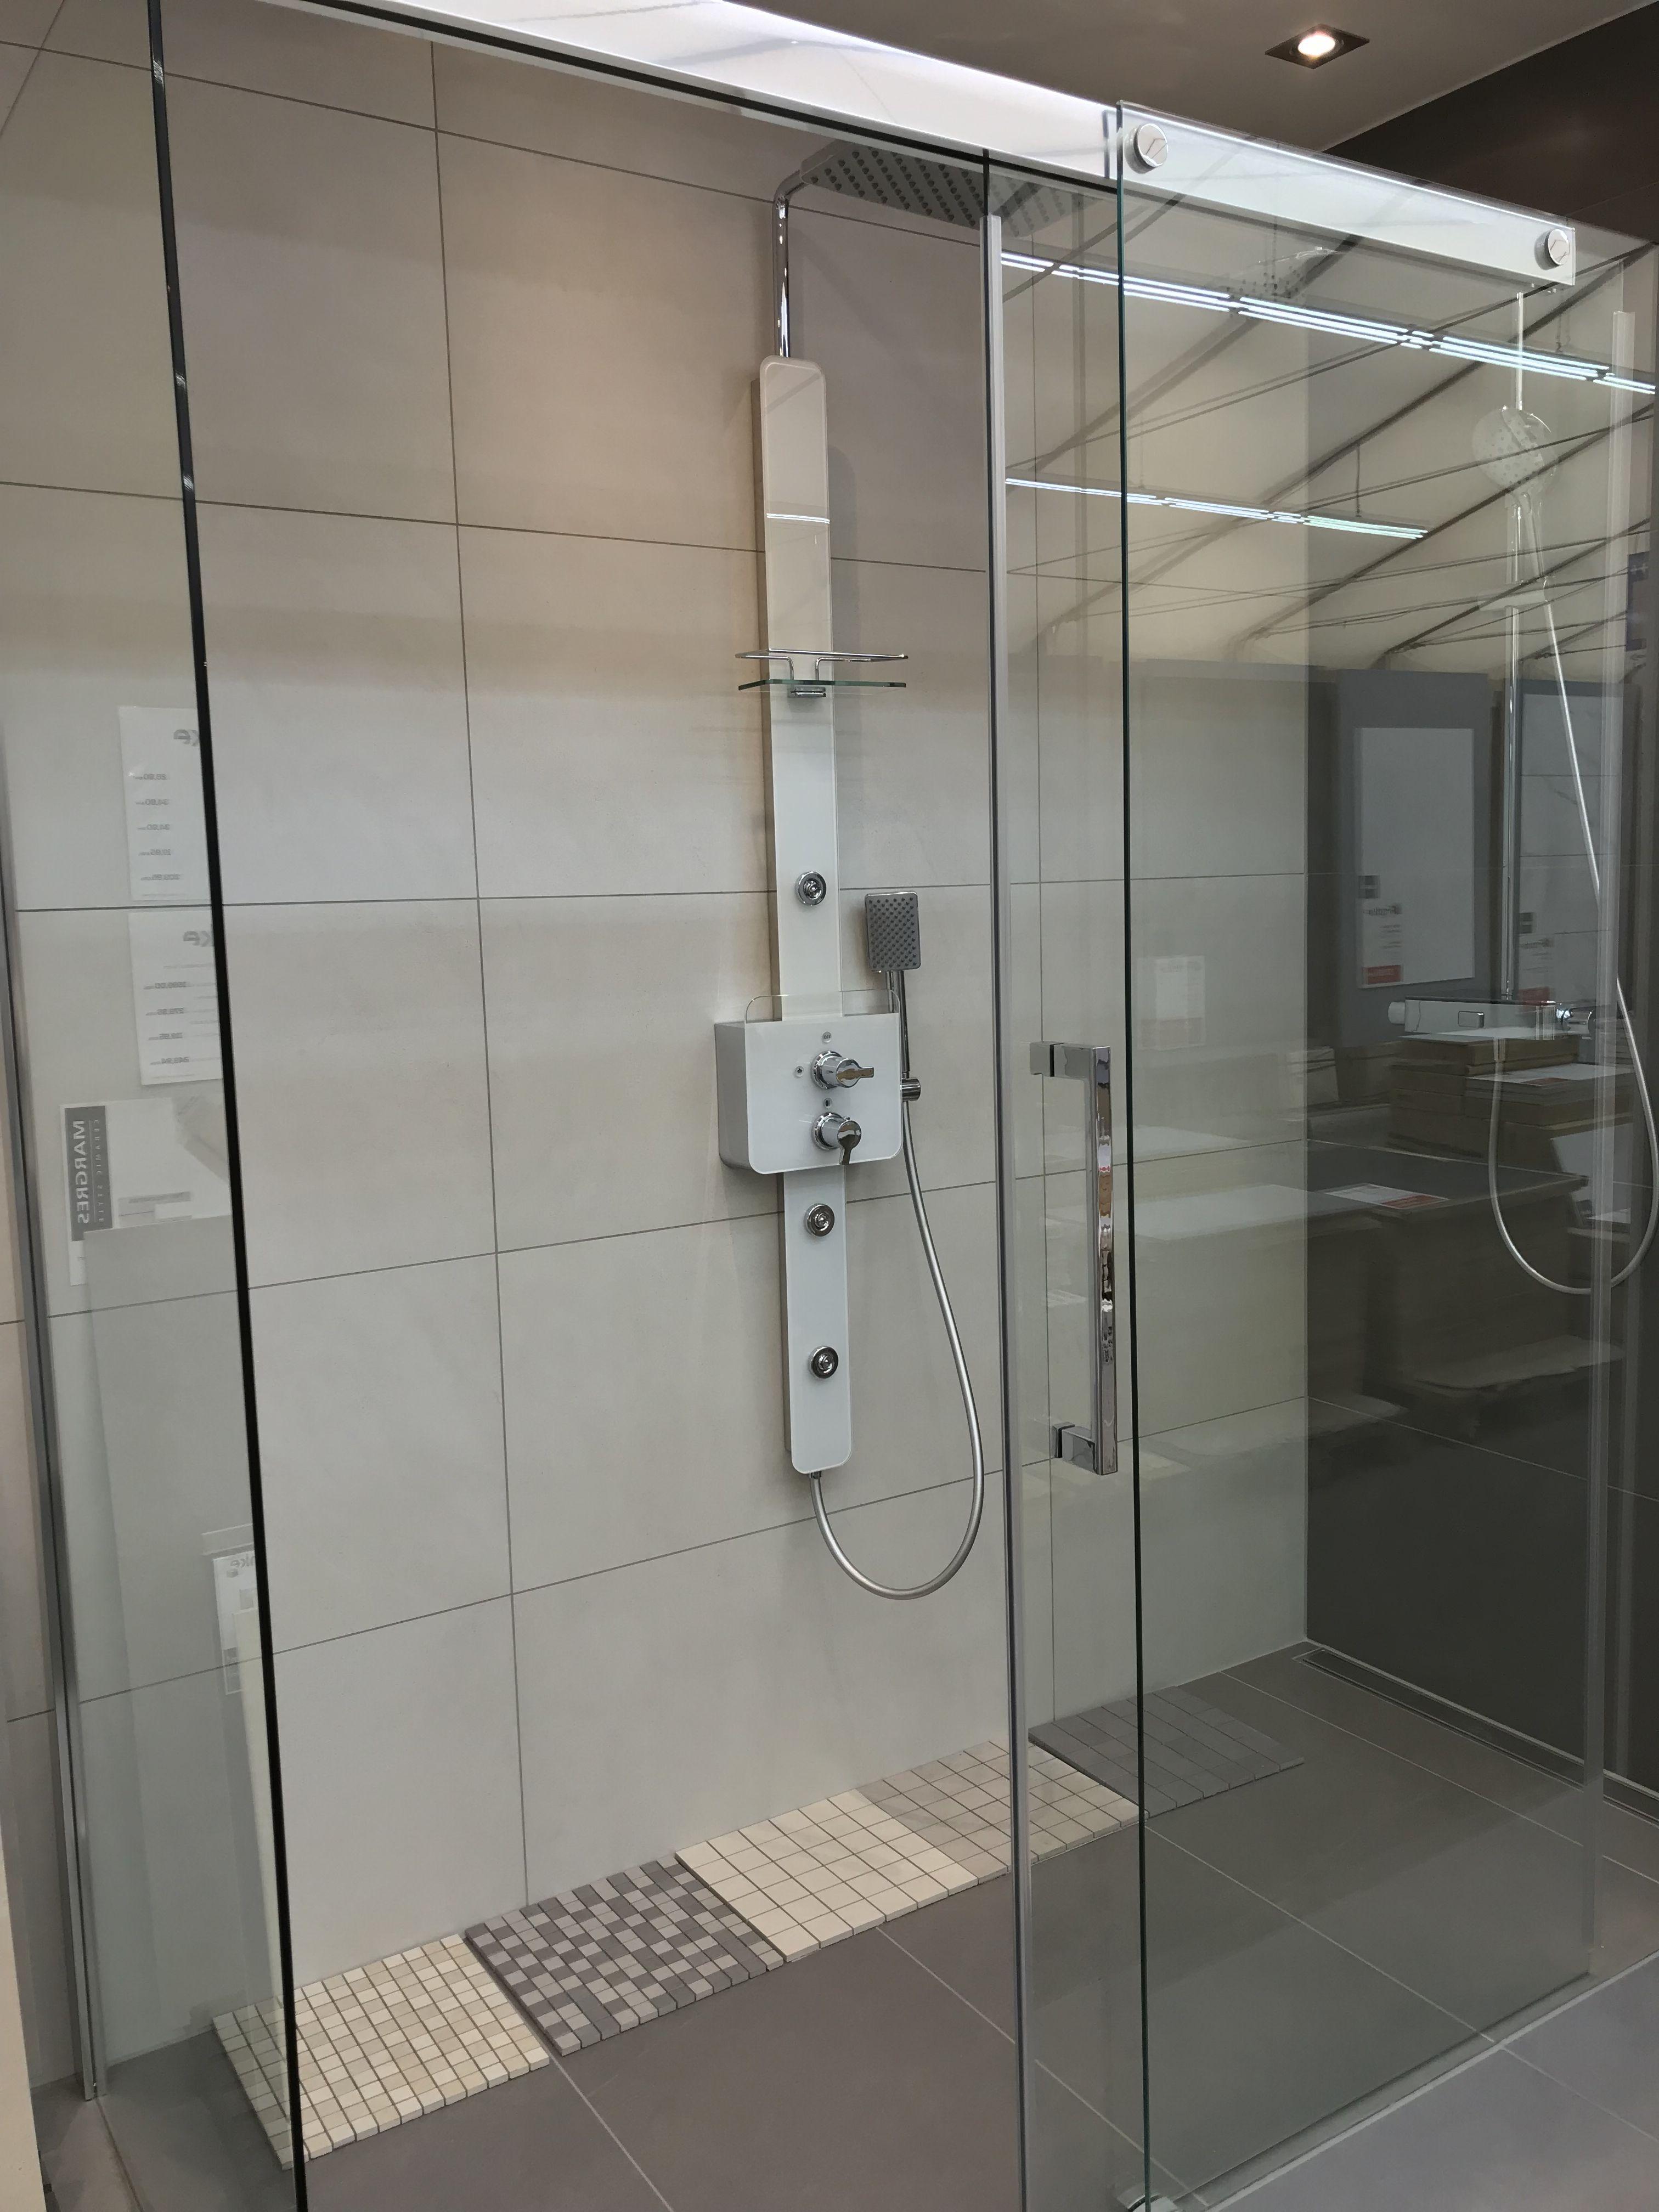 begehbare dusche, schiebetür mit softclose in 200x90 cm #dusche